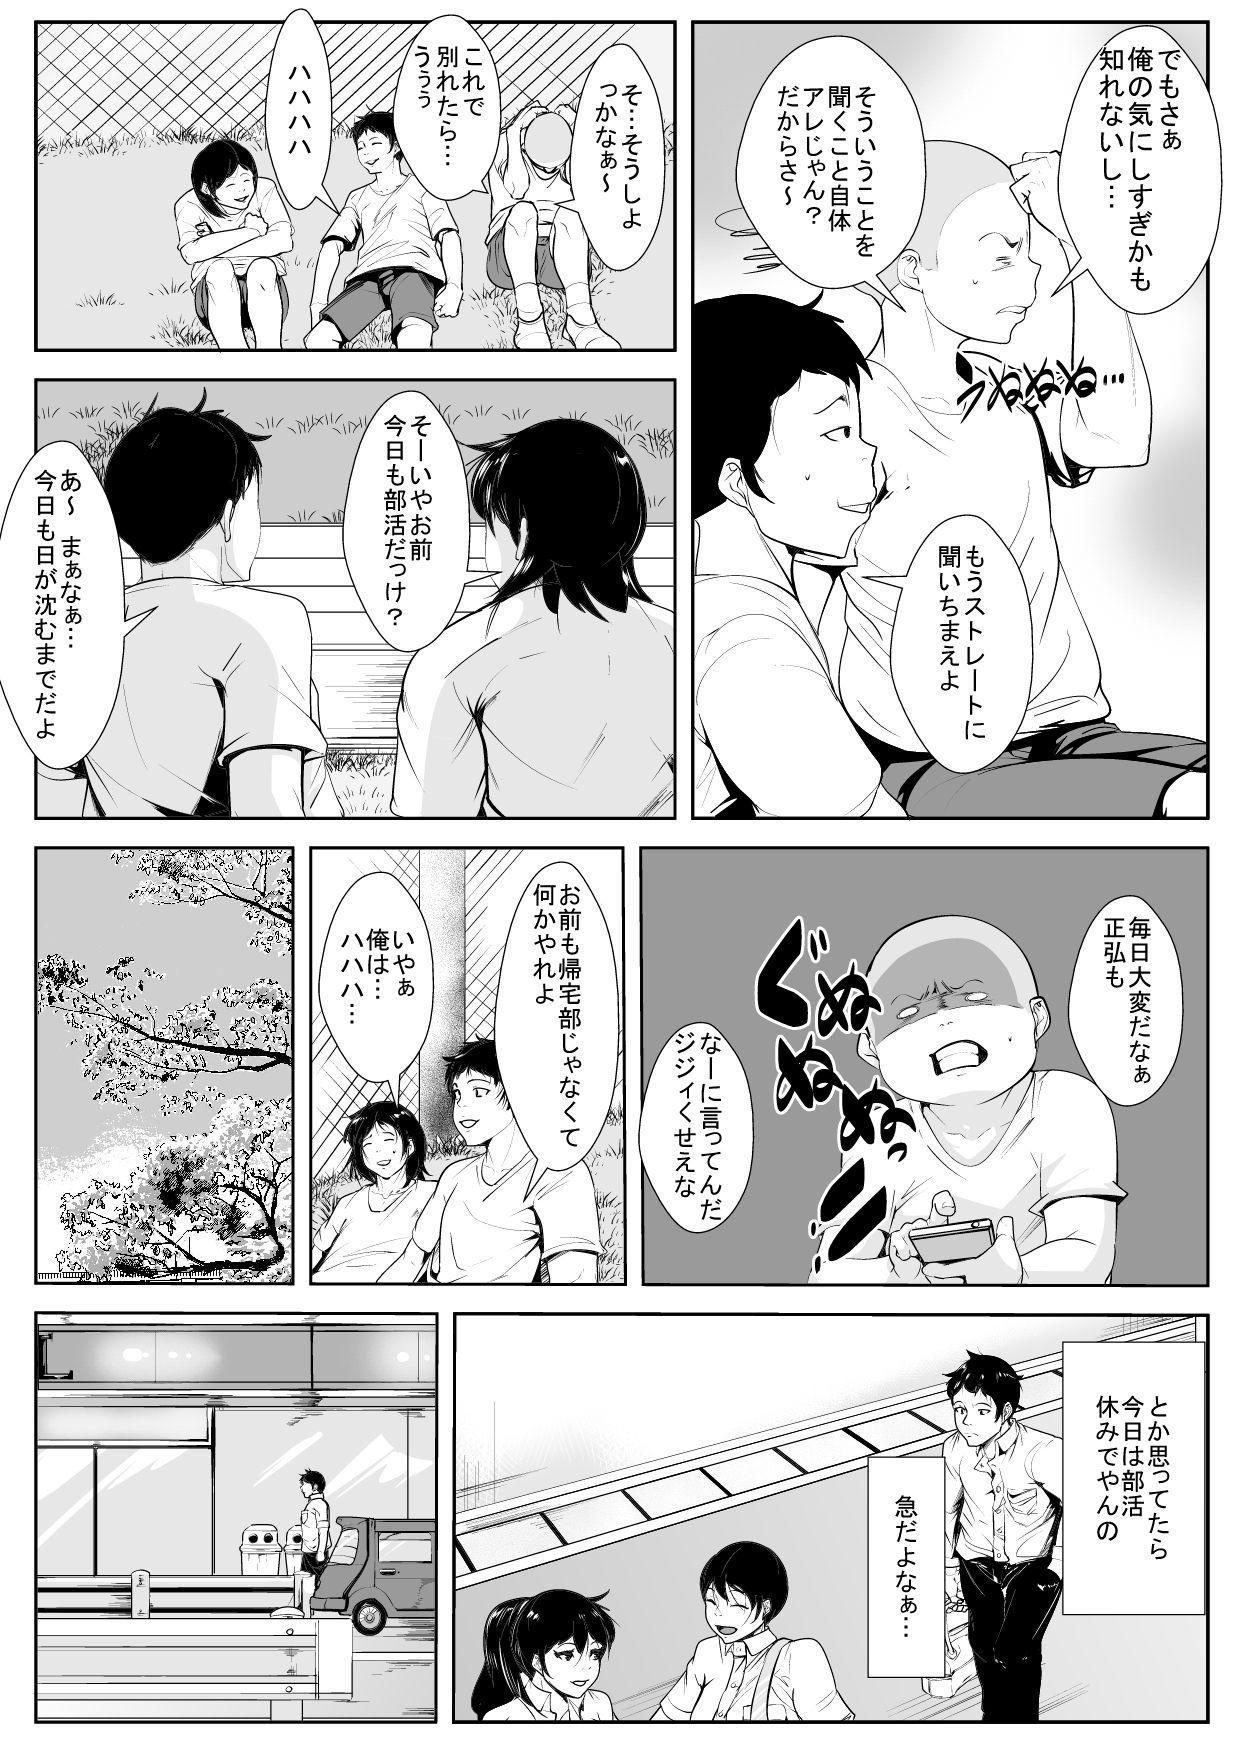 Hahaoya no Yousu ga Okashii to Omottara Tomodachi ni Netorareteta 3